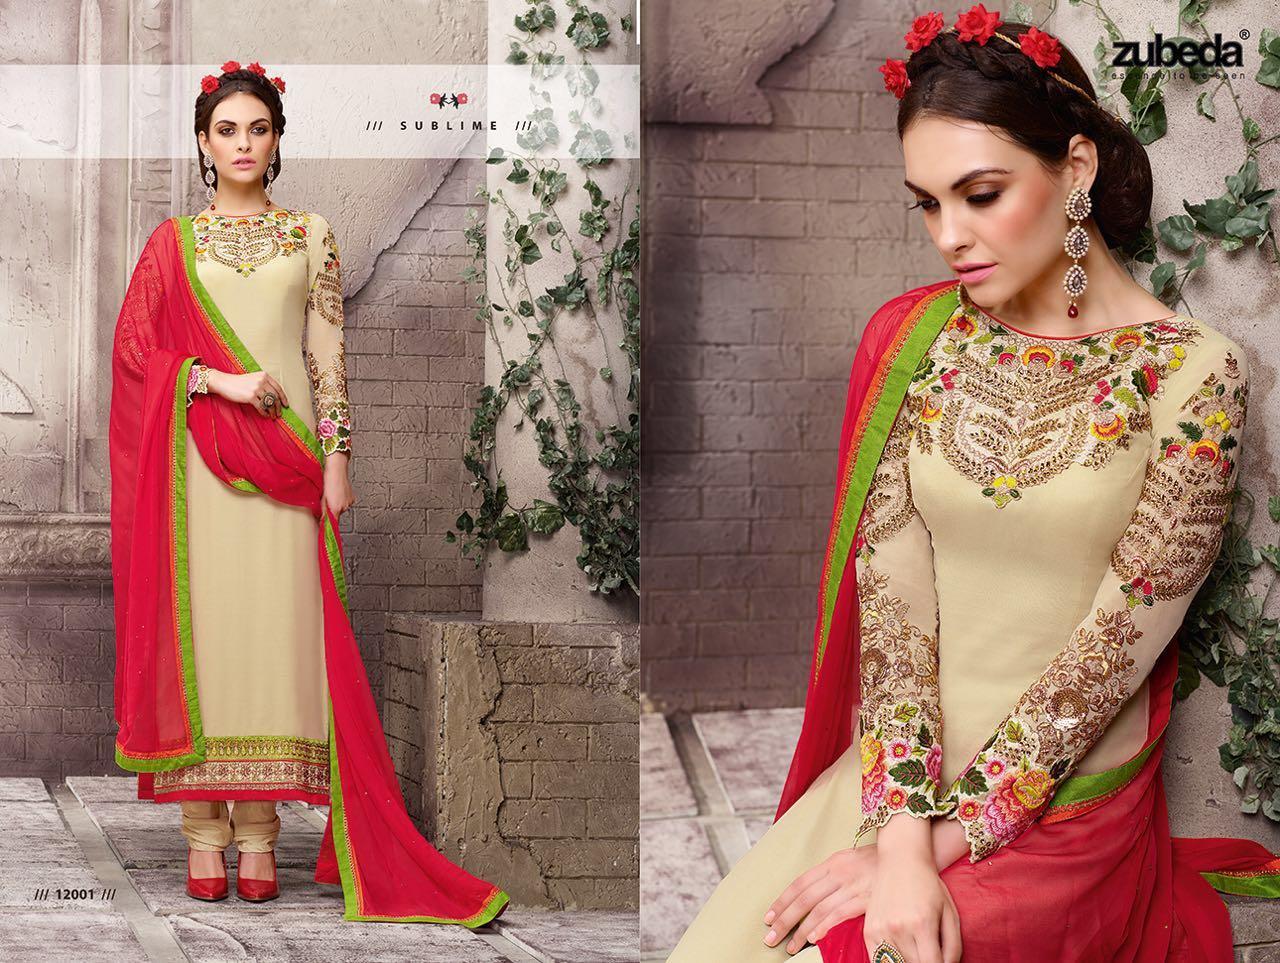 الملابس الهندية ... سارى وبنجابي بالرياض